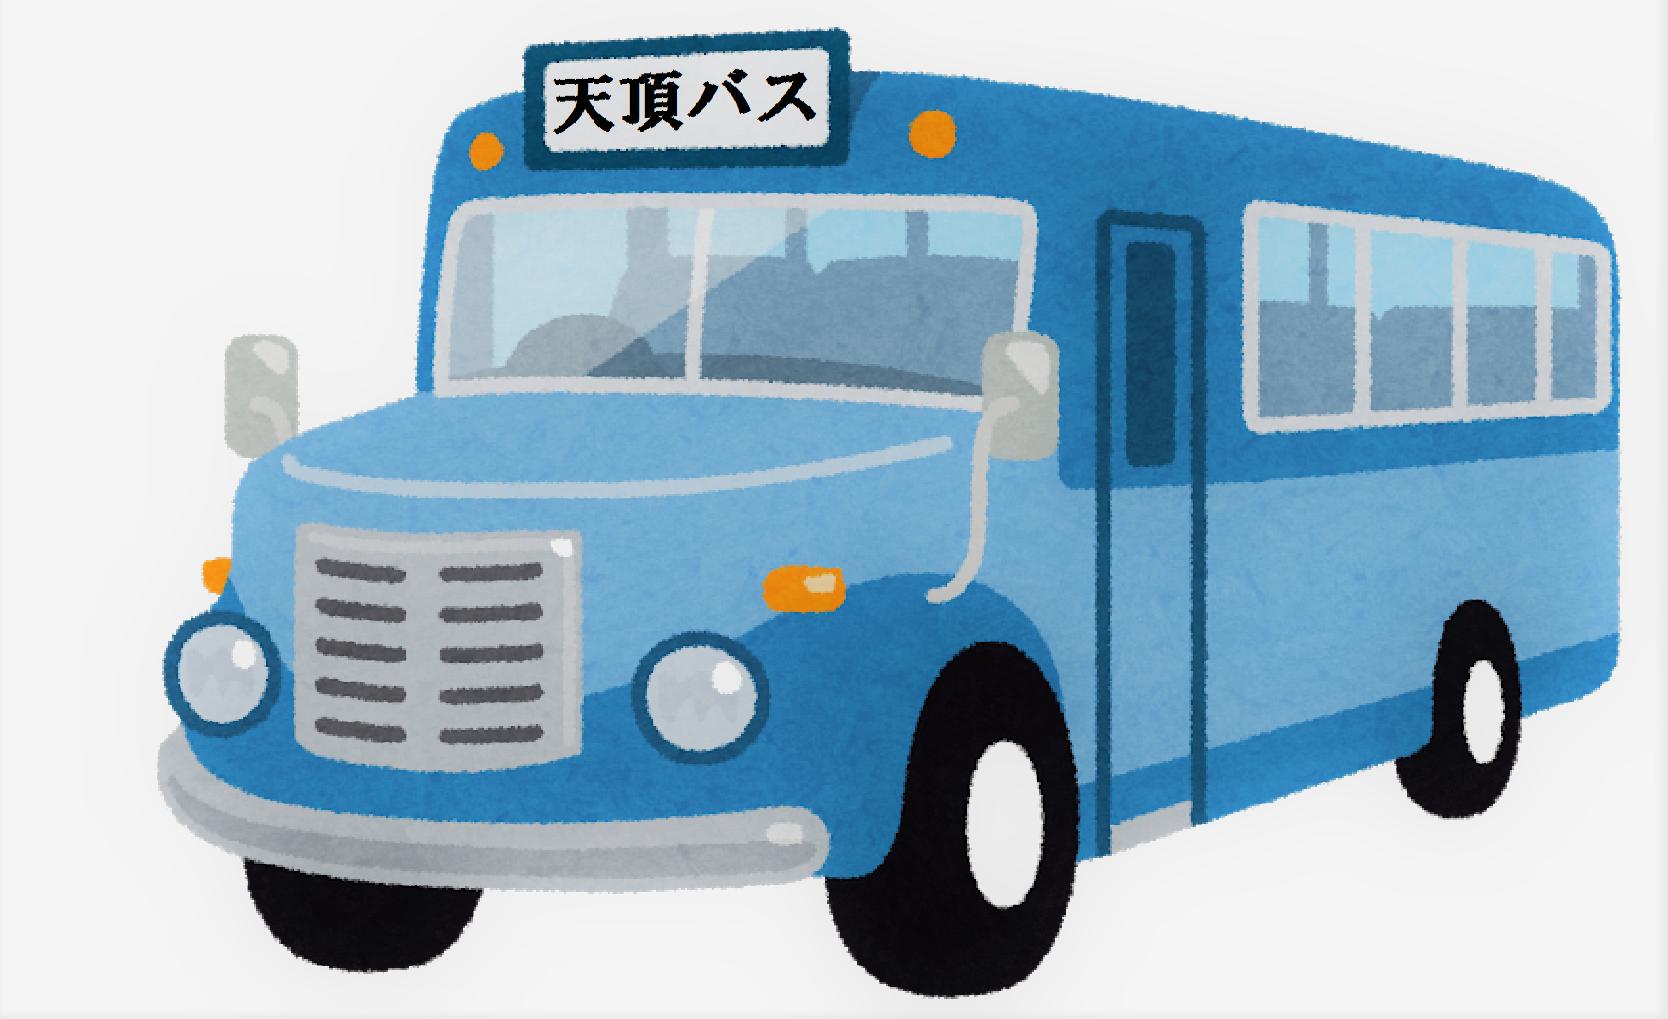 「天頂バス」のイメージ